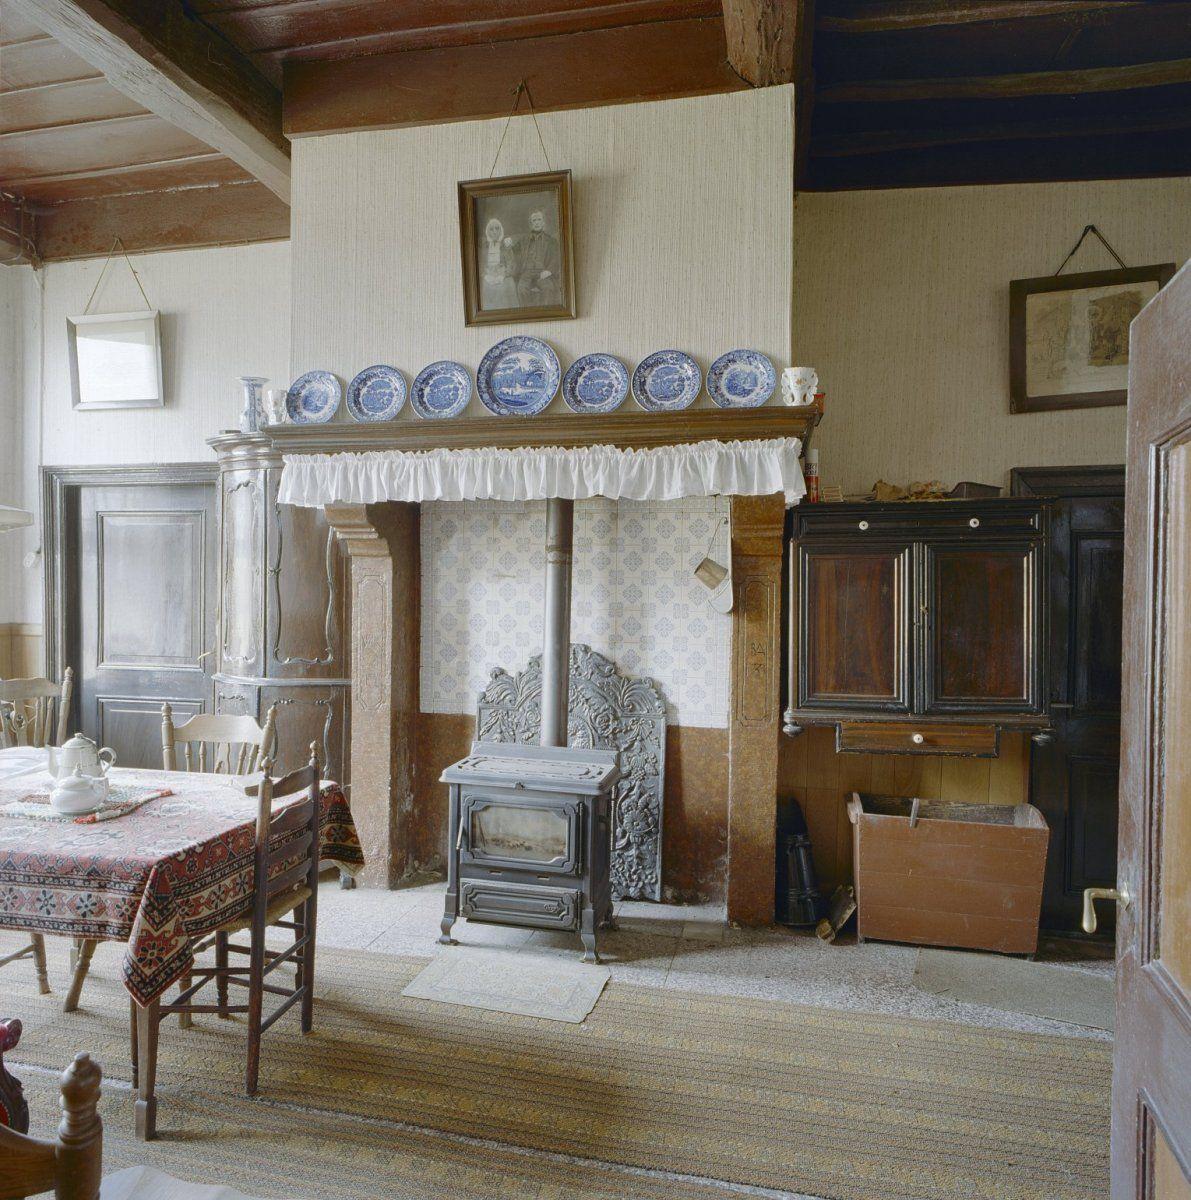 interieur voorhuis oude keuken Winterswijk  BOERDERIJEN